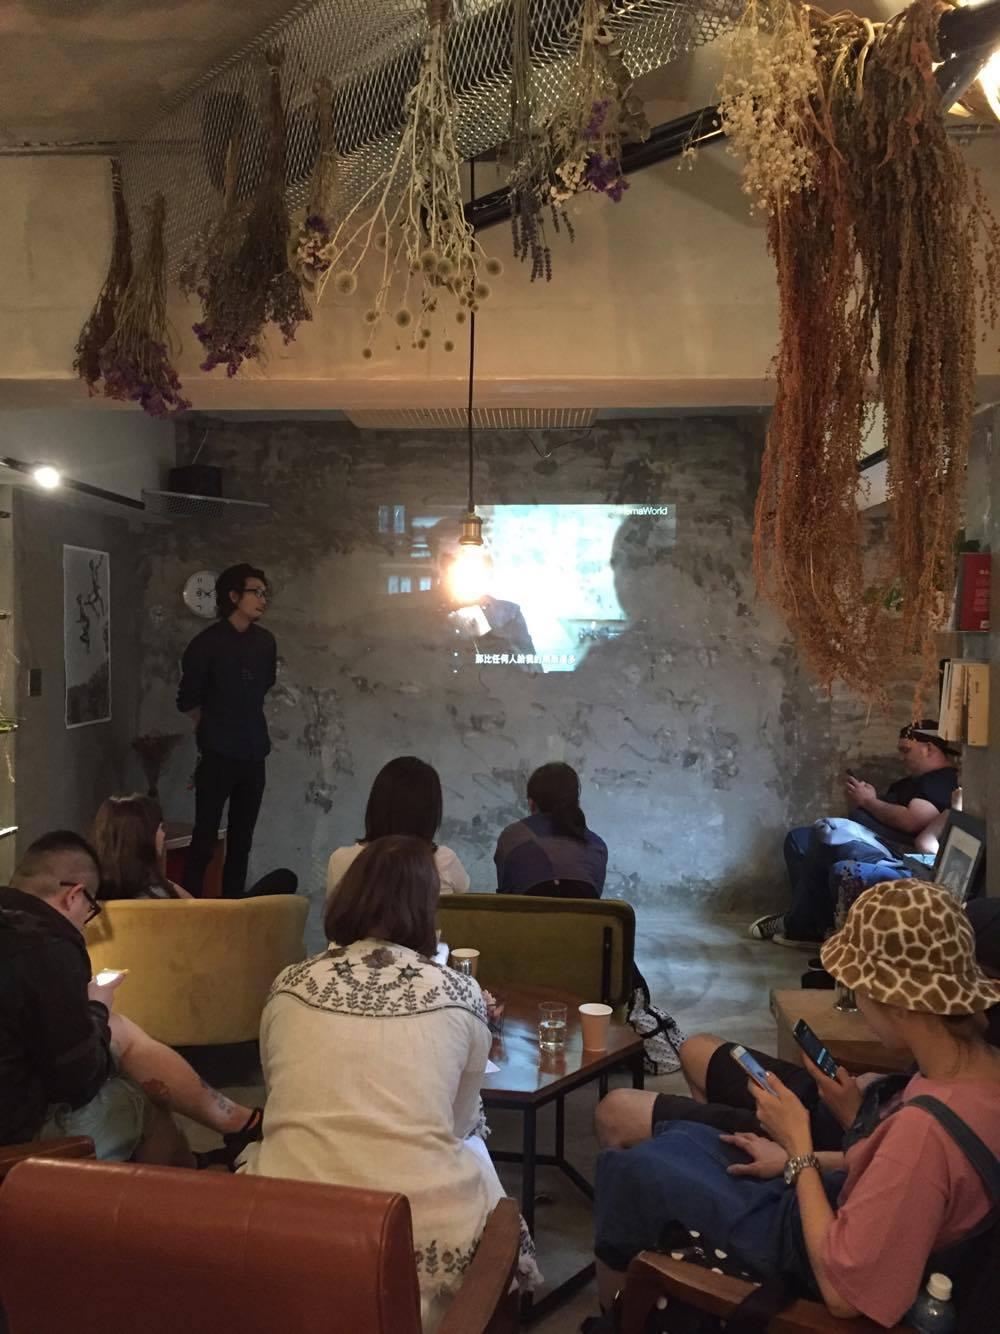 風格獨特的咖啡廳越來越多,要怎麼獨樹一格?大家又是各自懷抱怎麼樣的夢想與想法? 要怎麼利用社群媒體,傳遞自家想傳遞的溫度以及感覺?又要怎麼用影像來紀錄以及表達? 這回我們邀請到清新風格的別所,看他們怎麼提供大家一個城市中的避難所。 如何訂定餐廳的風格?如何找到經營粉專的風格?店內行銷用了哪些管道及方式? 行銷活動對餐廳的幫助?拍攝形象照片時有沒有什麼秘訣?